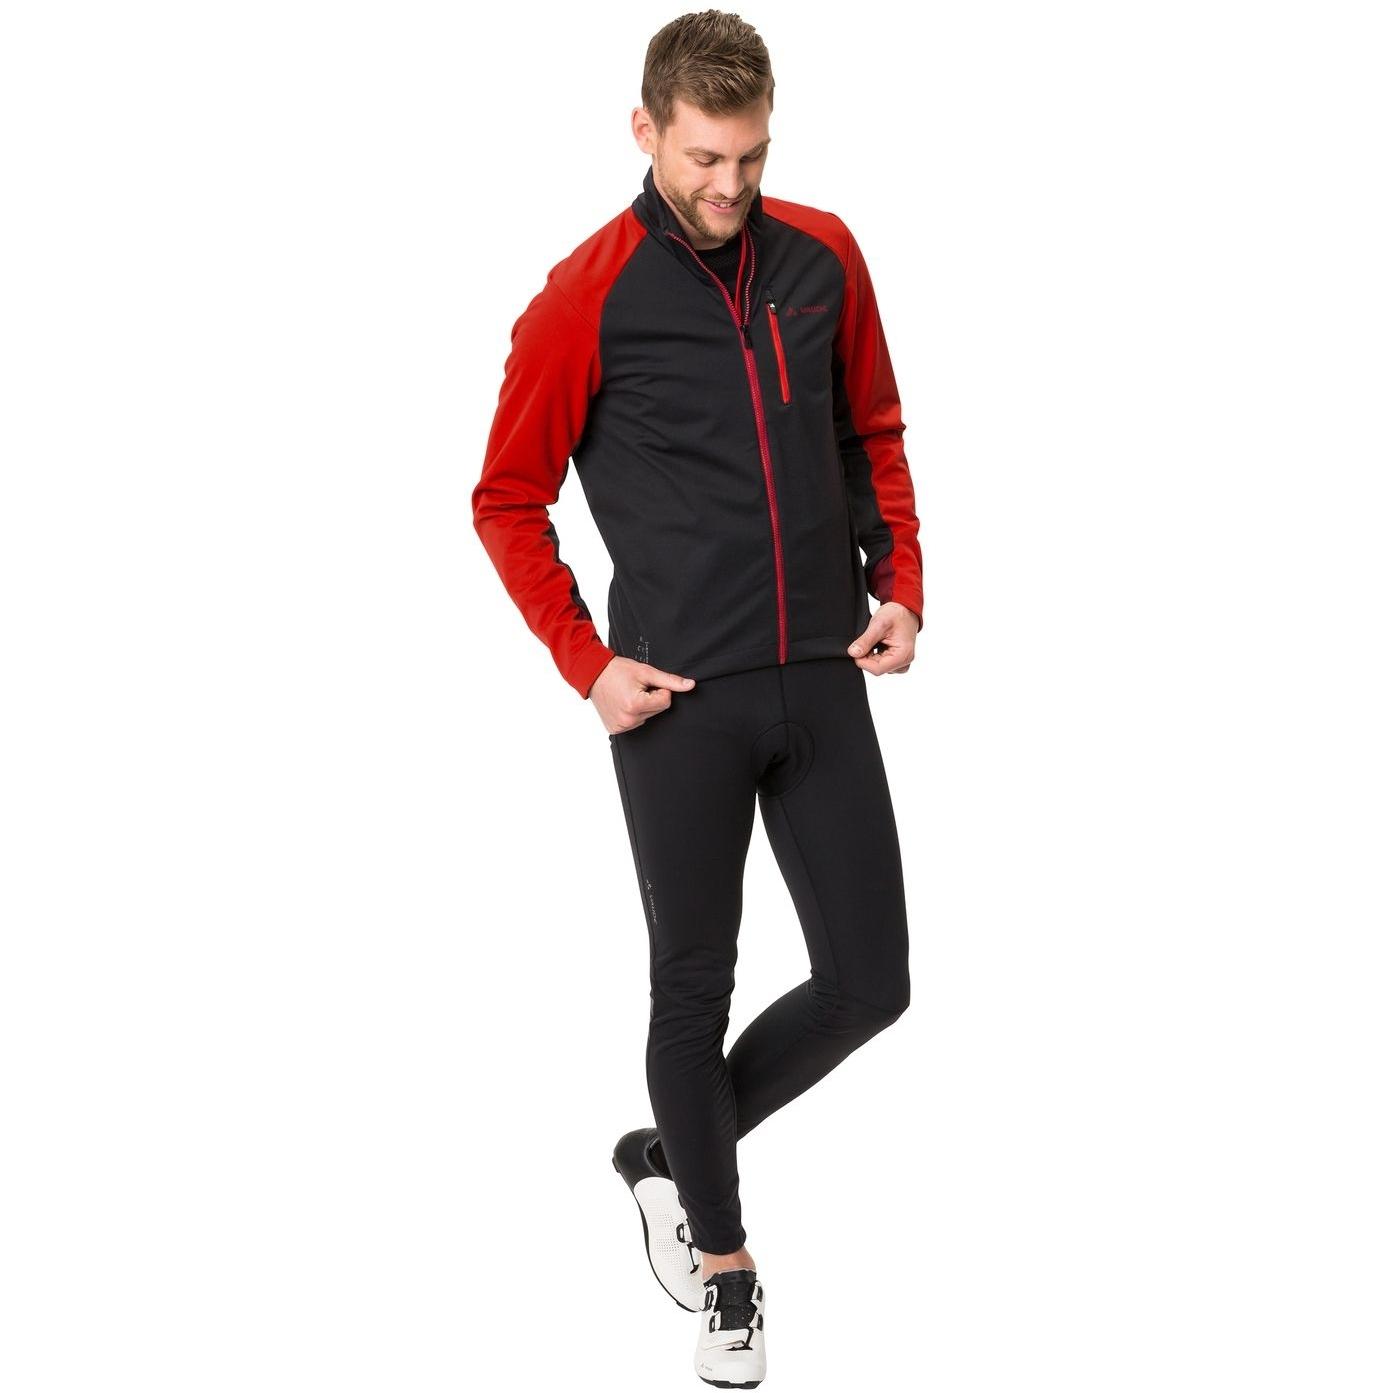 Image of Vaude Men's Posta Softshell Jacket VI - mars red